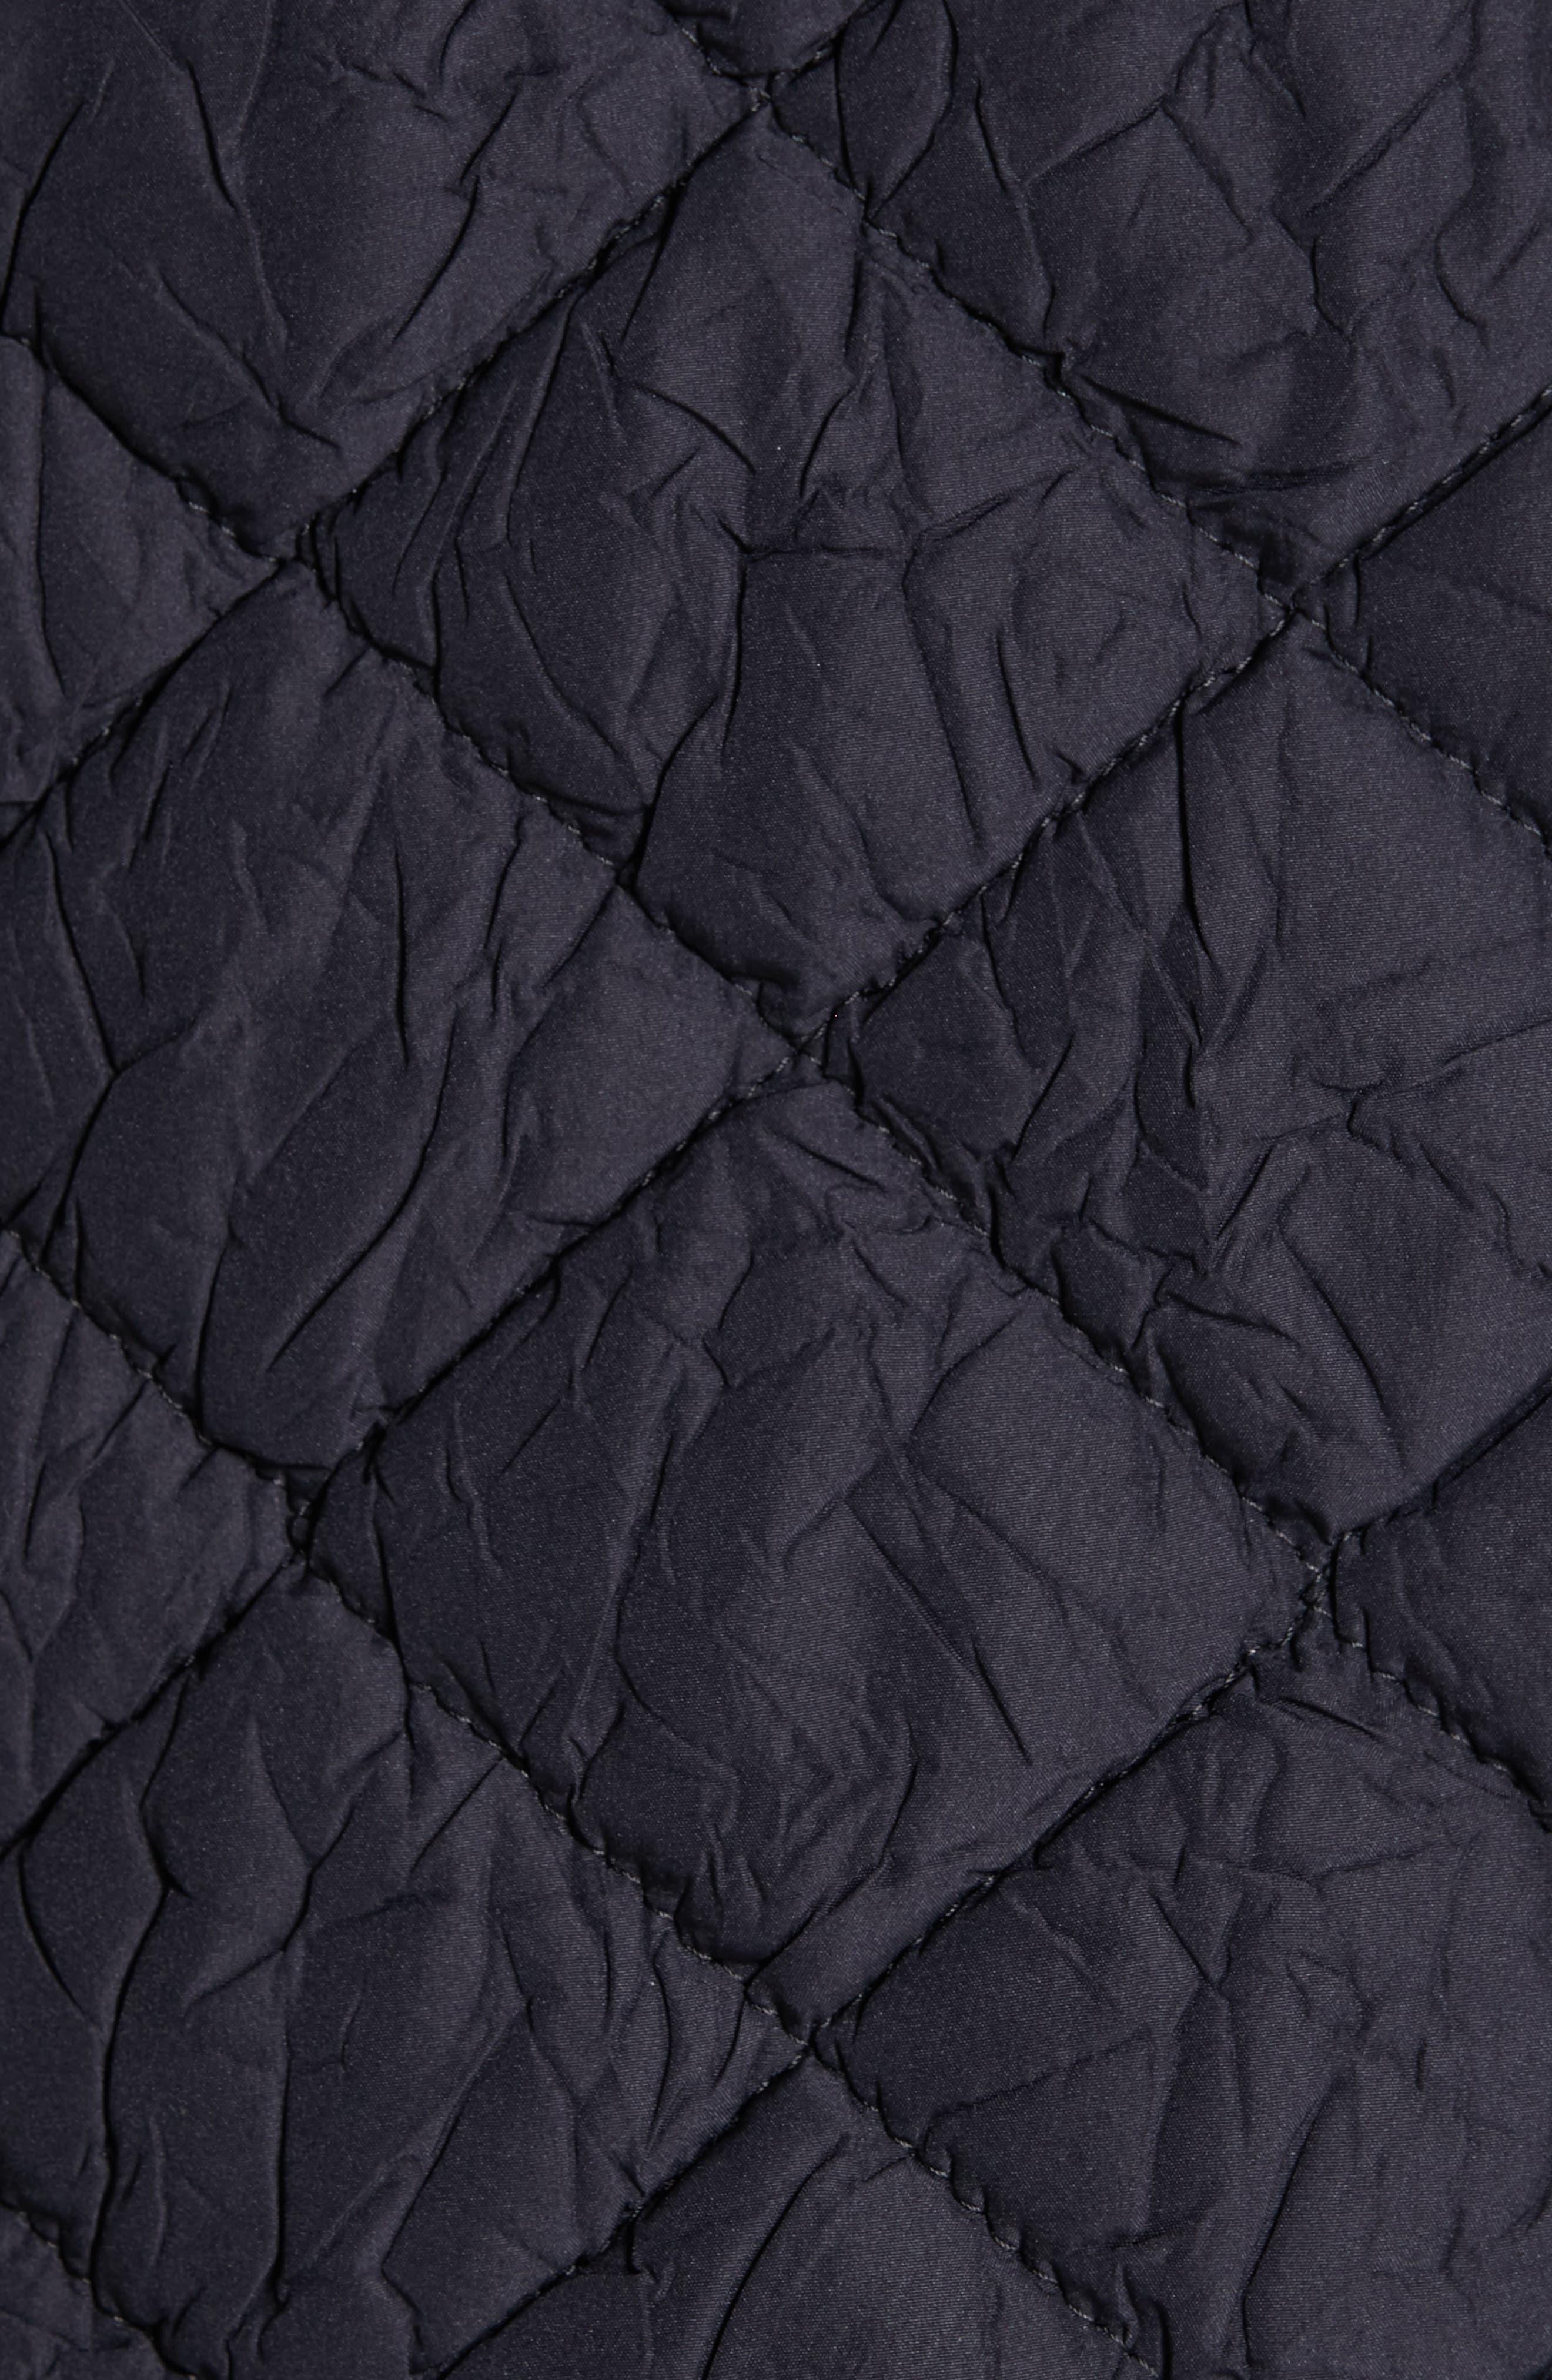 TRICOT COMME DES GARÇONS, Quilted Coat with Faux Fur Trim, Alternate thumbnail 7, color, NAVY X BLACK